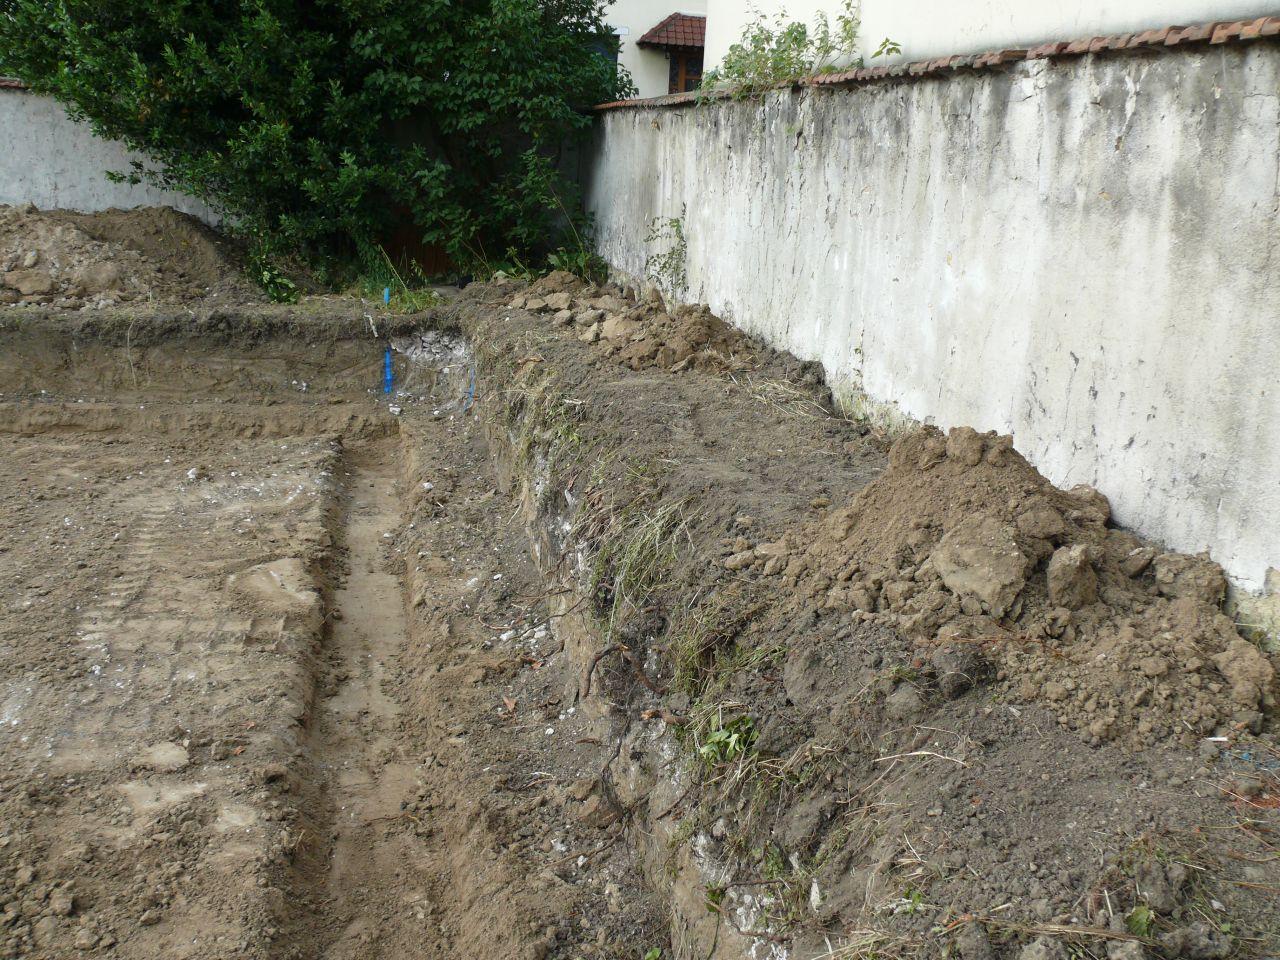 On enterre le sous-sol de 60cm alors il faut creuser et les semelles aussi